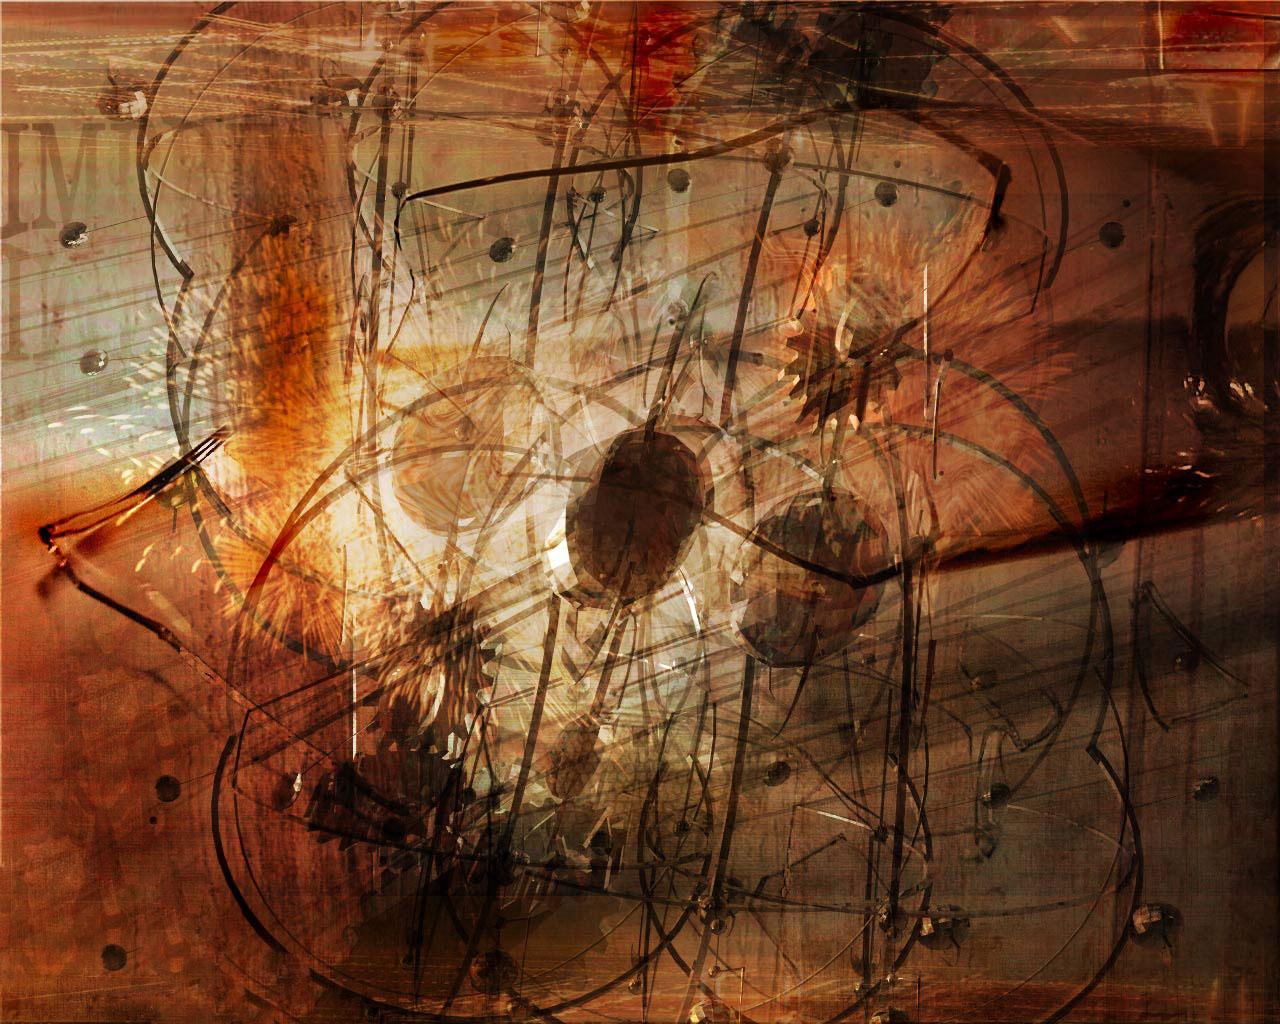 art images hd Wallpaper High Quality WallpapersWallpaper Desktop 1280x1024